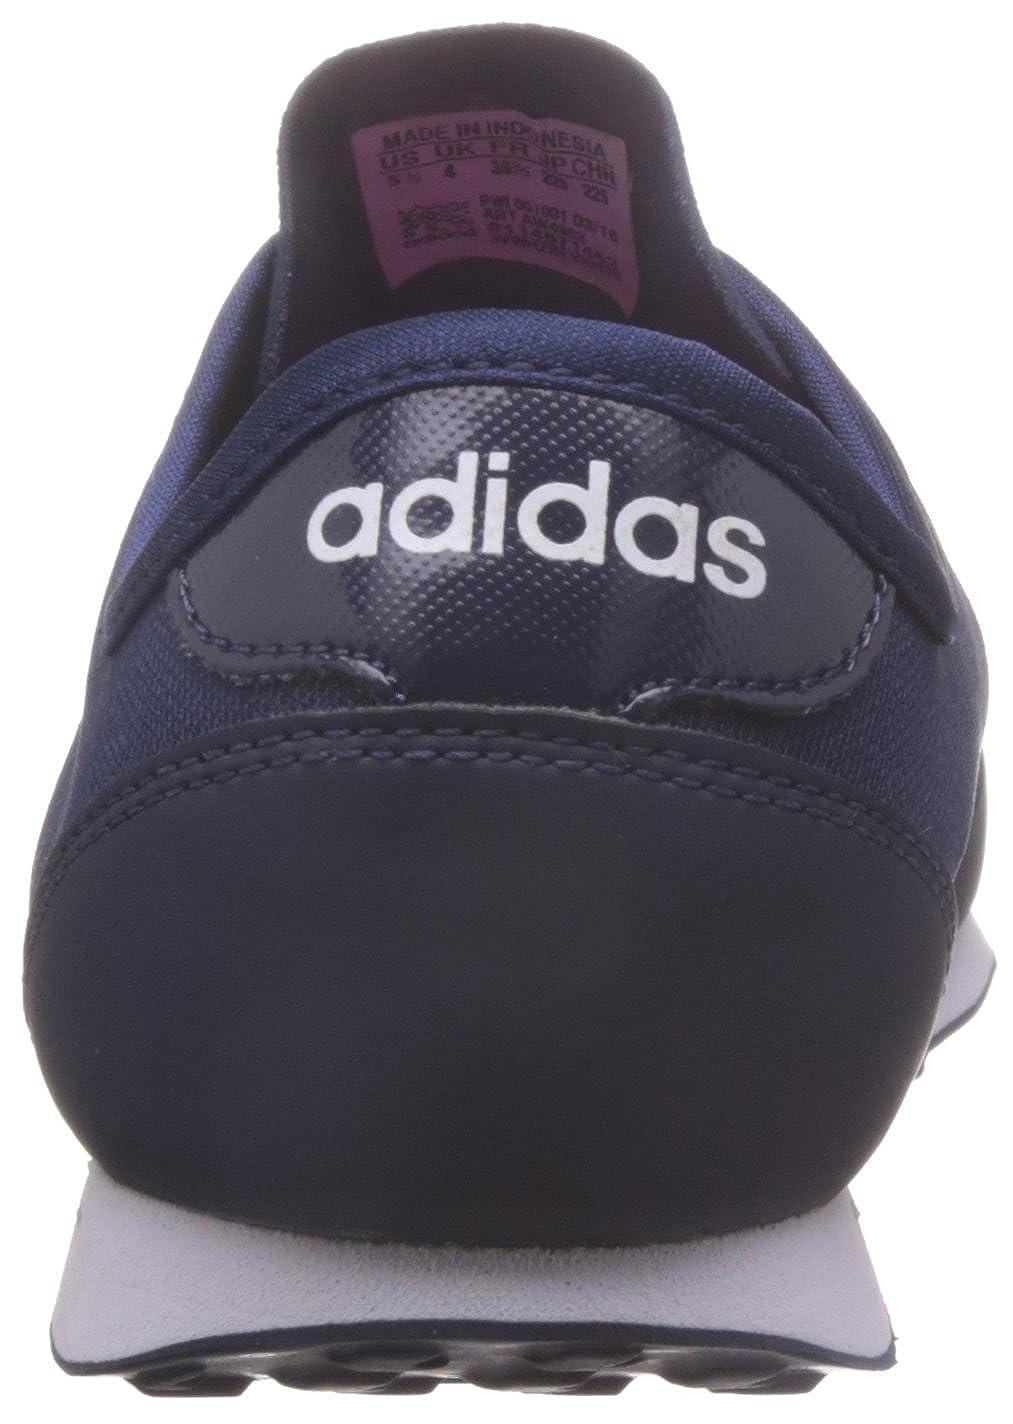 Adidas Damen Style Racer TM W W W Turnschuhe c7a410